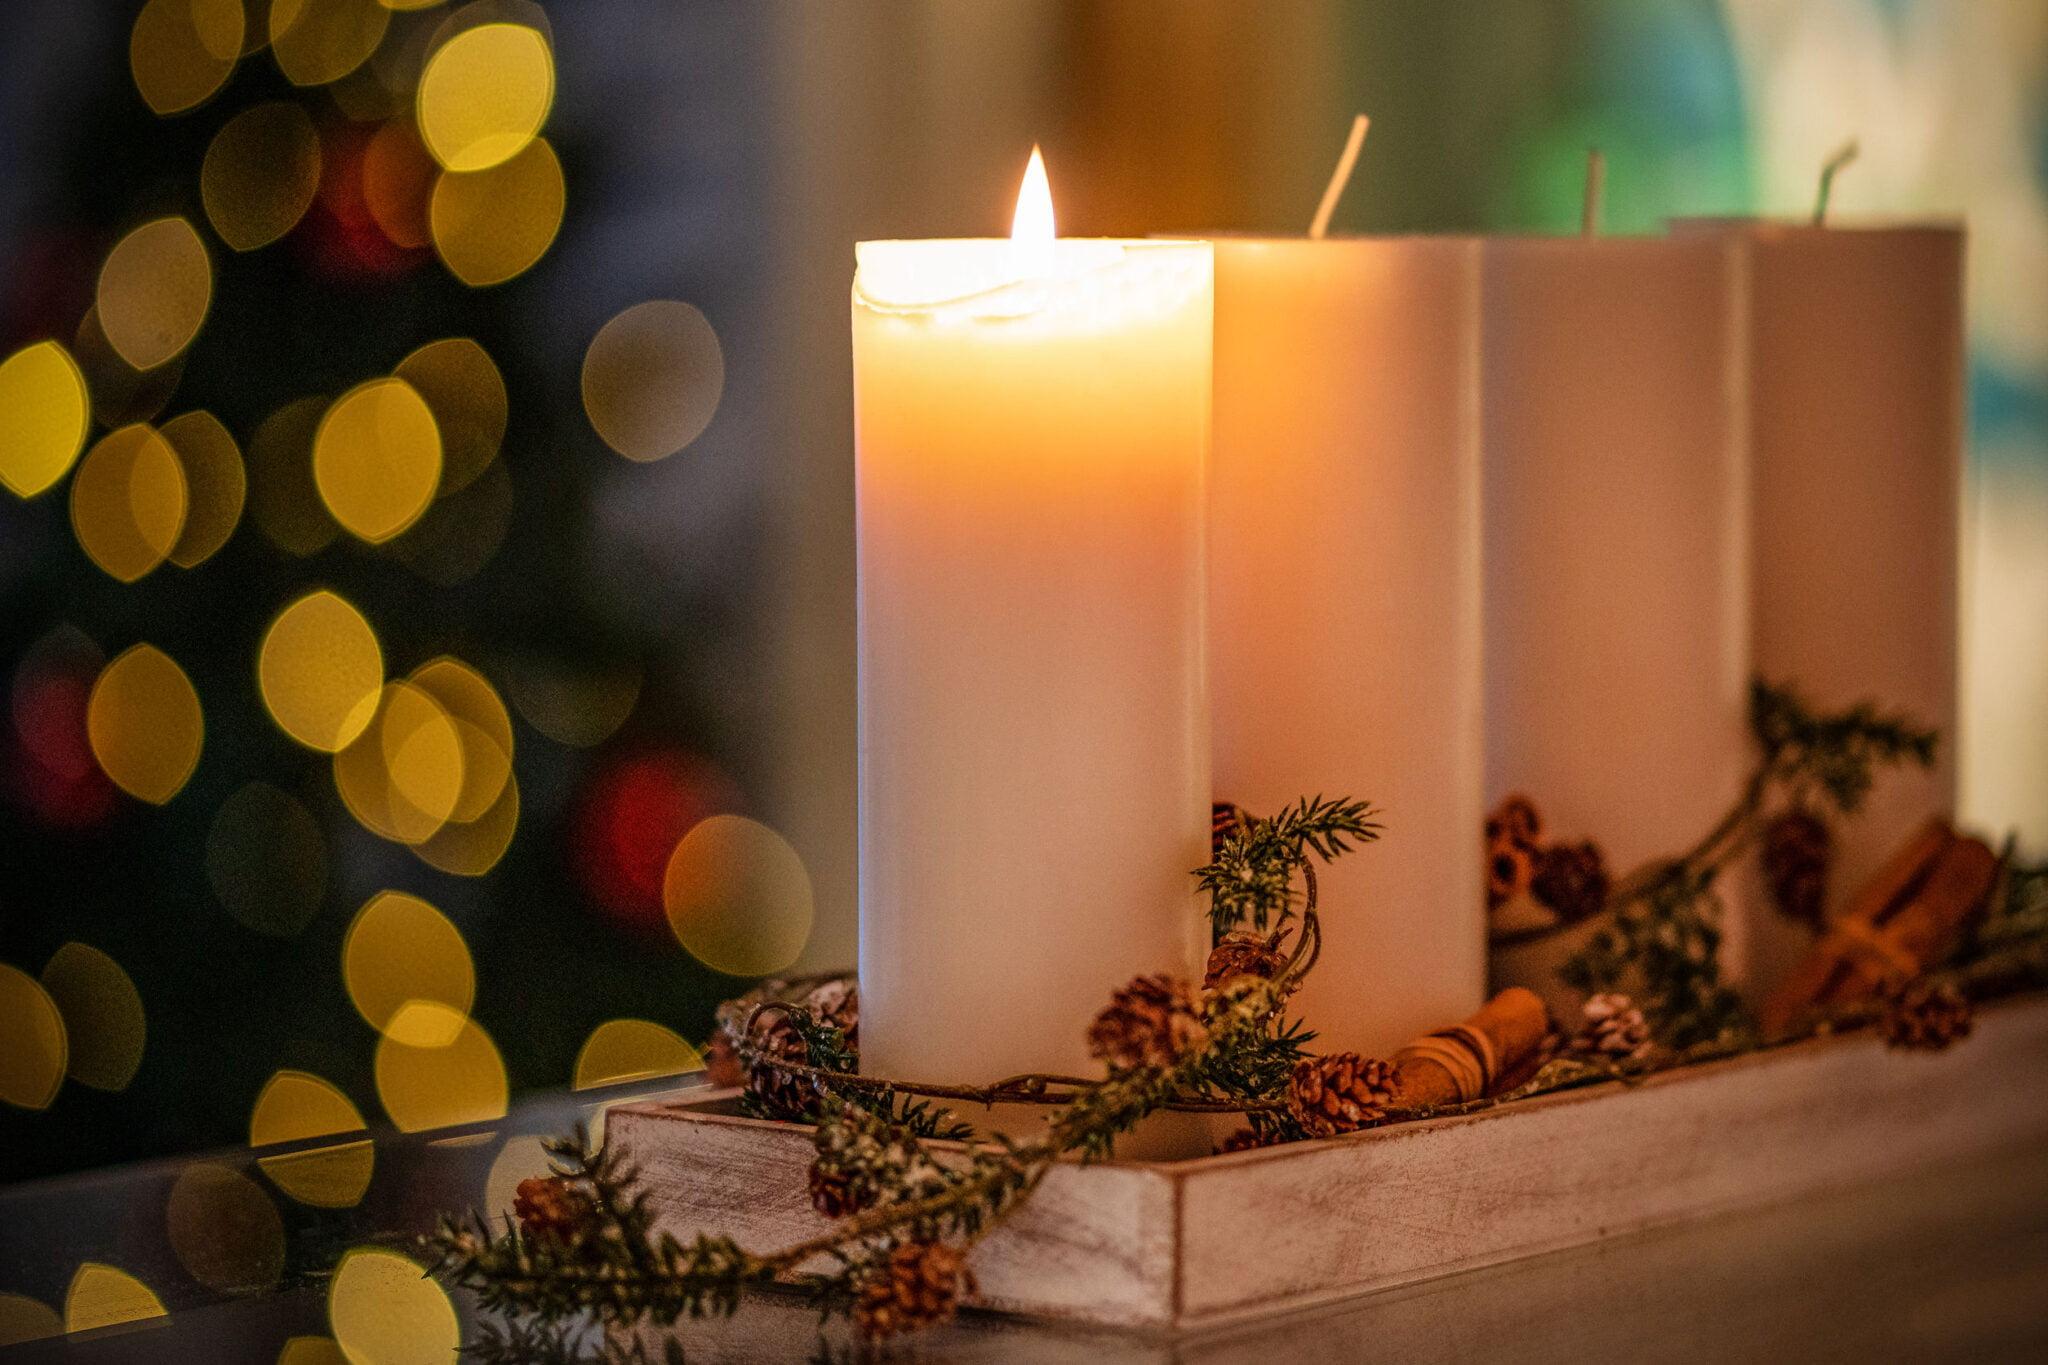 Kerst viering met kinderen thuis vieren; tips en ideeën - Mamaliefde.nl